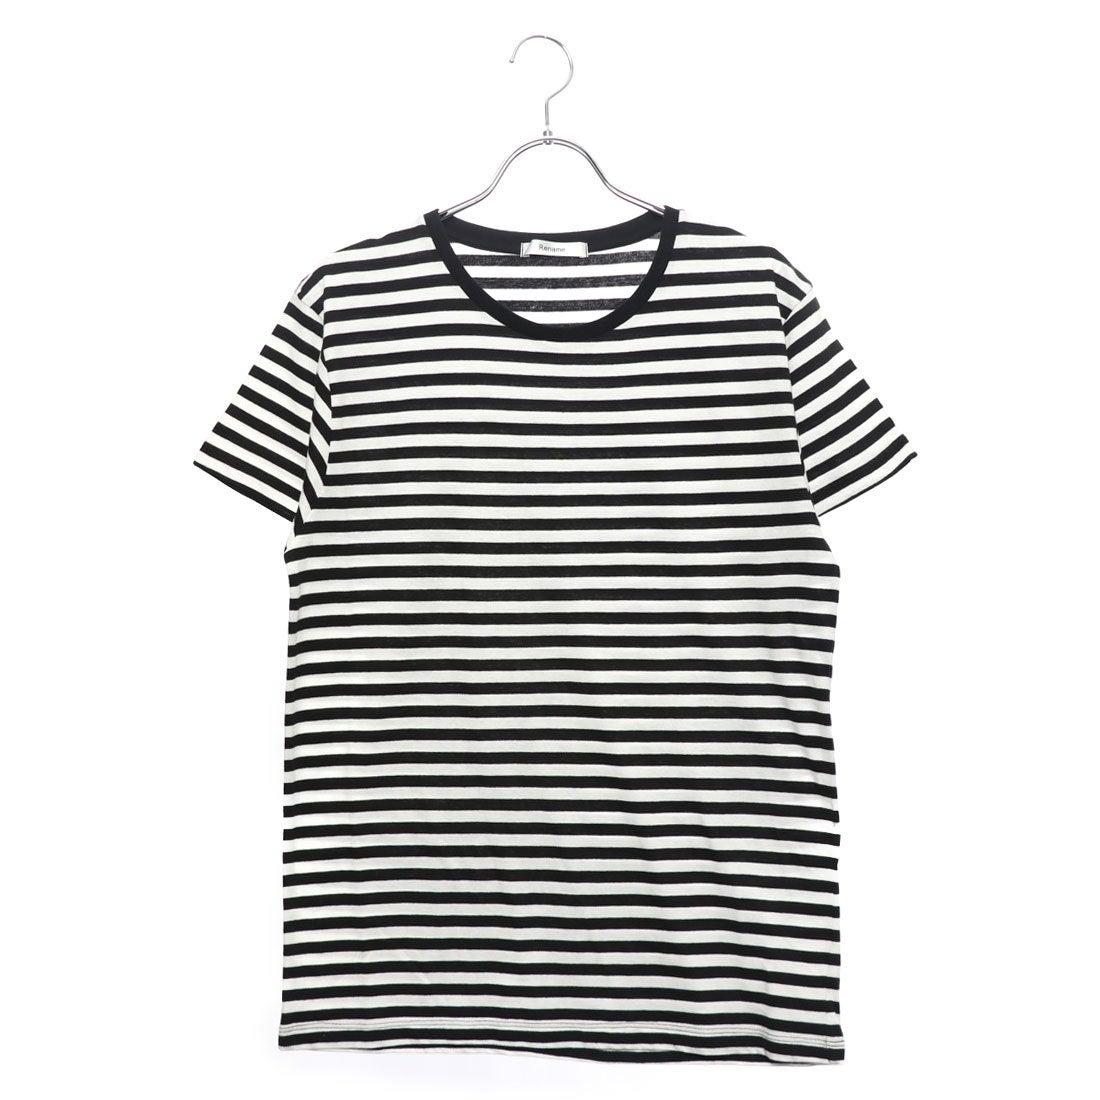 ロコンド 靴とファッションの通販サイトリネーム Rename クルーネックボーダーTシャツ (ホワイトxブラック)